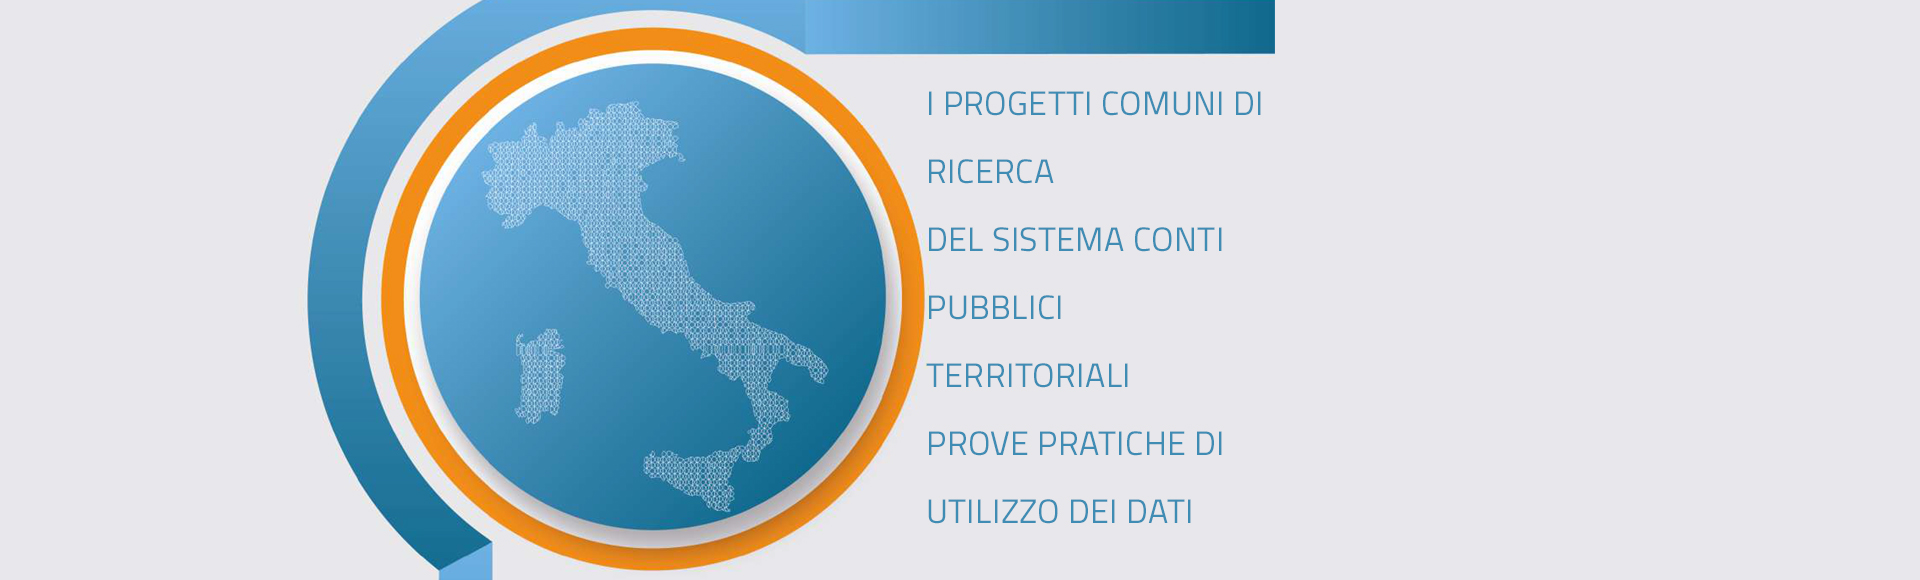 """Conti Pubblici Territoriali: """"CPT Informa – Progetti comuni di ricerca"""""""